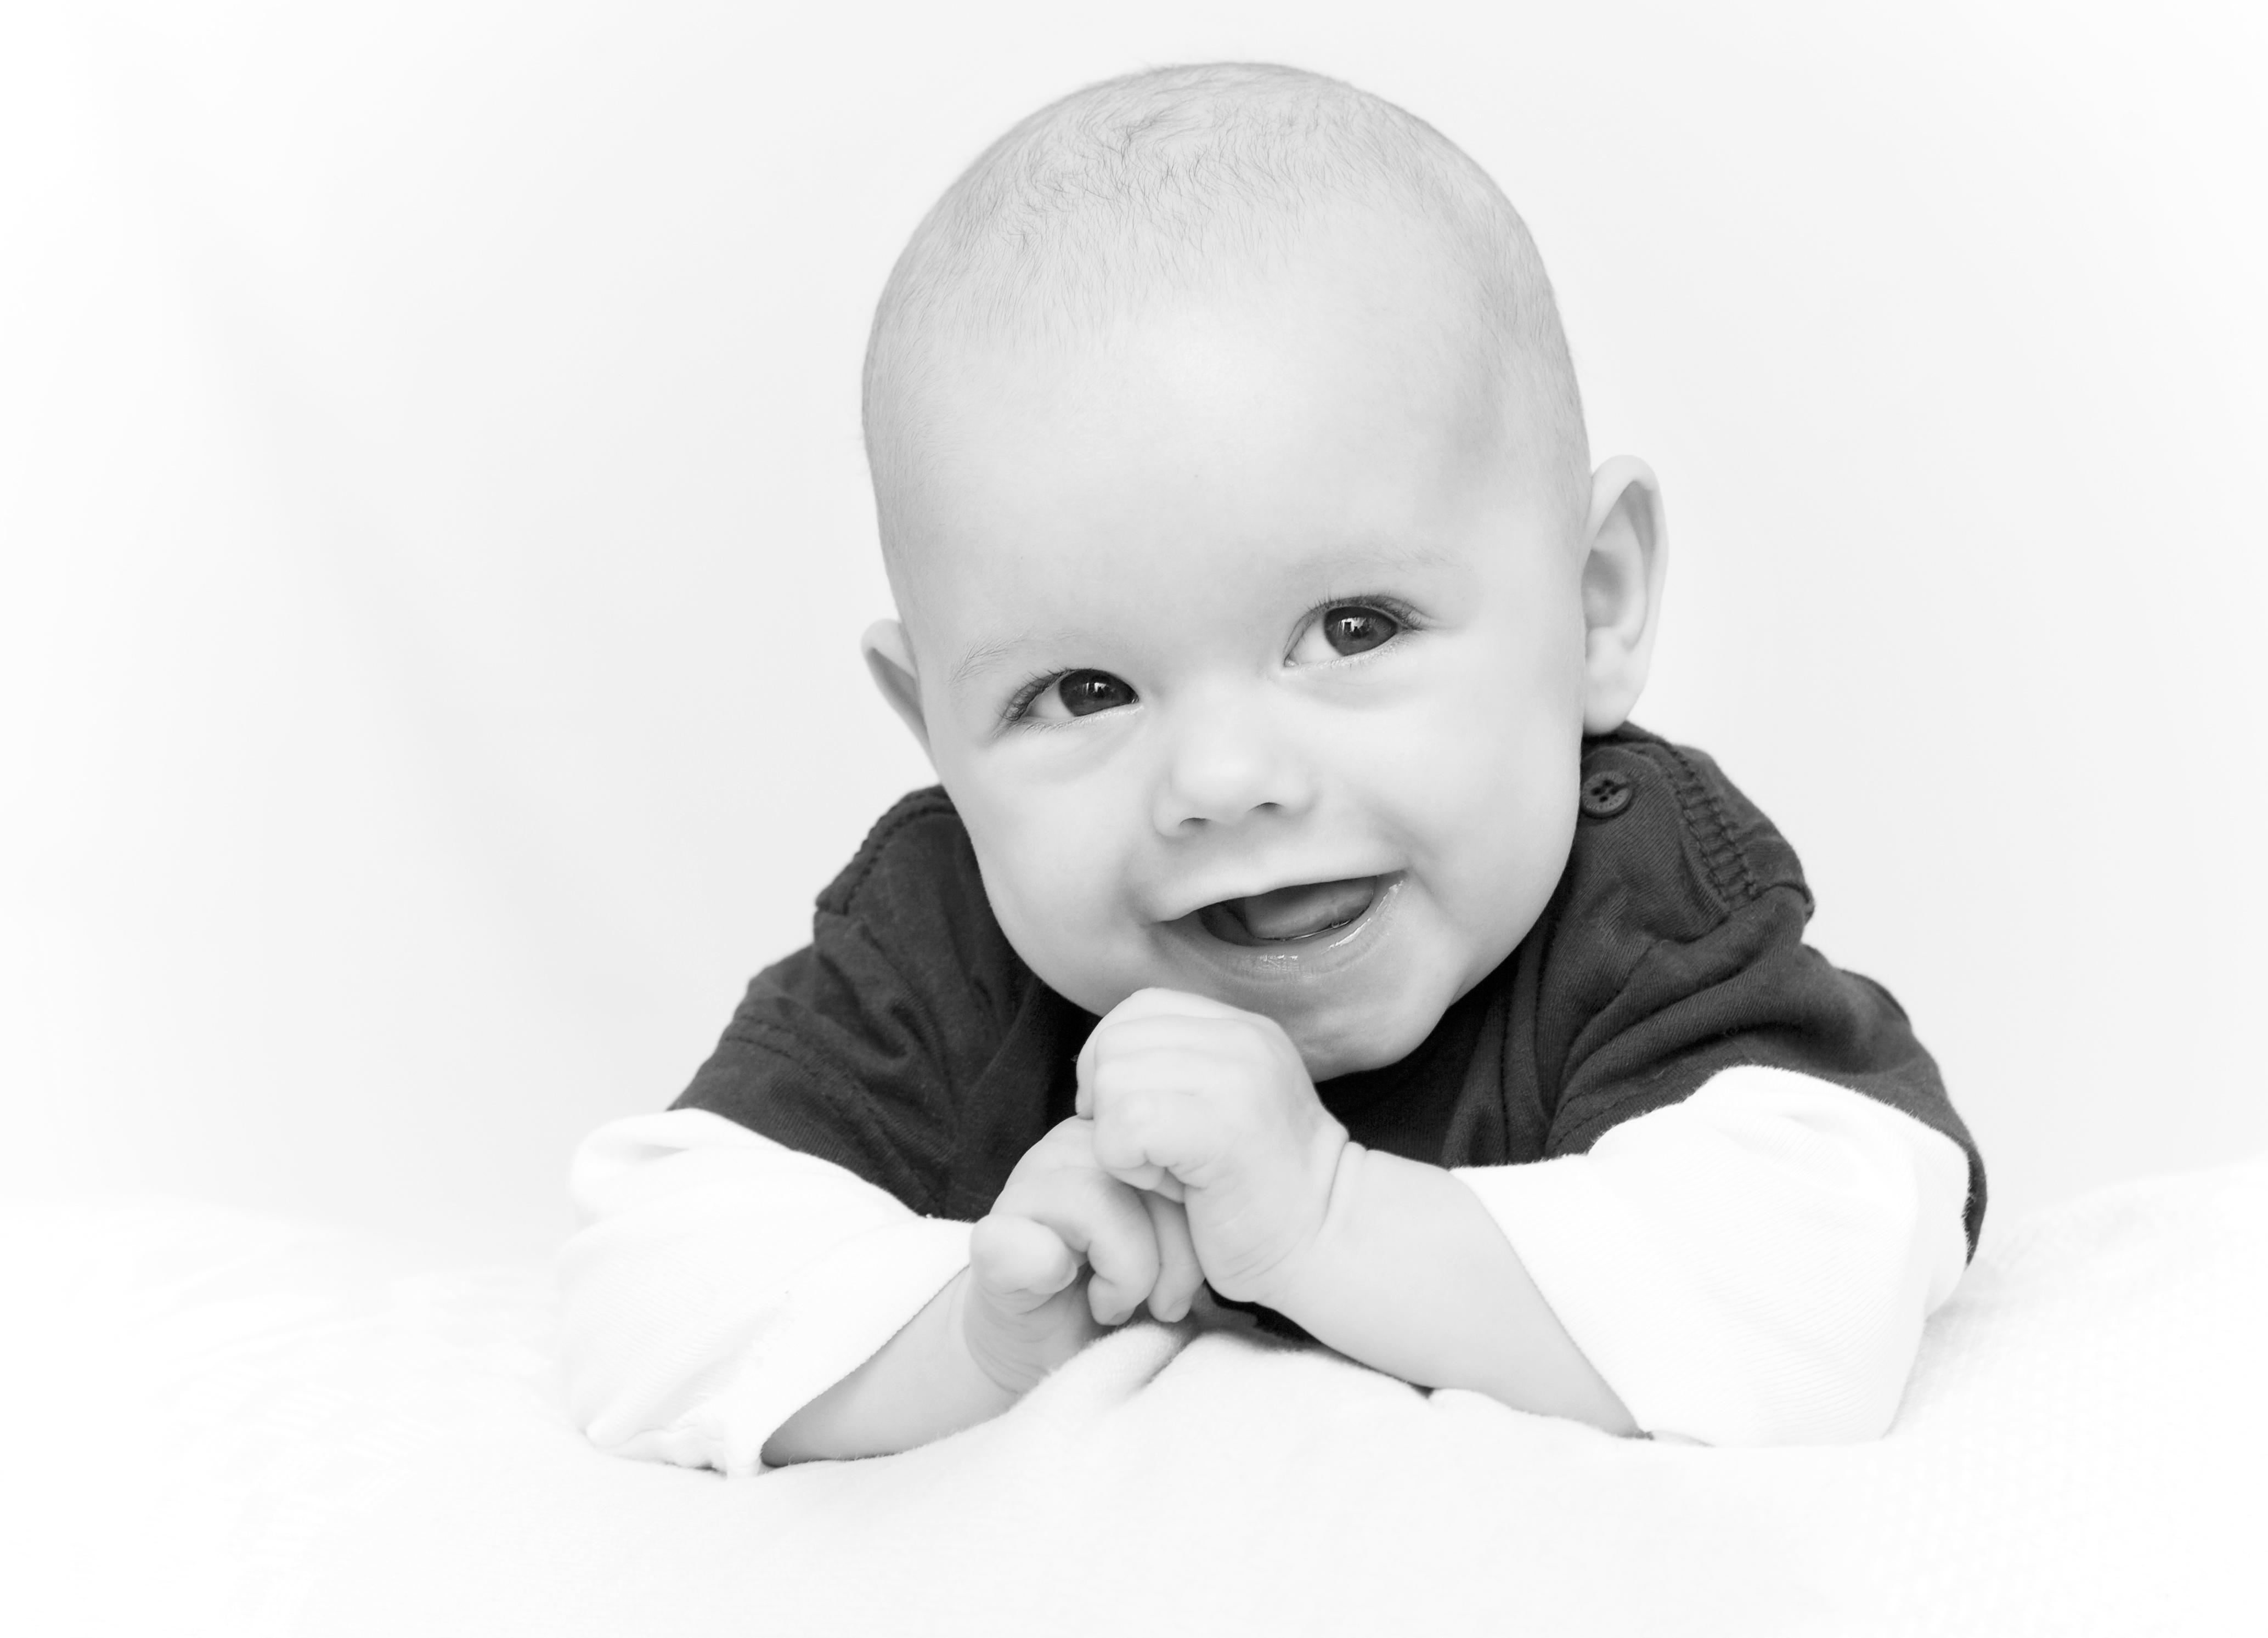 Børnefotografering_Christina_Lykke_fotograf_Aarhus_03